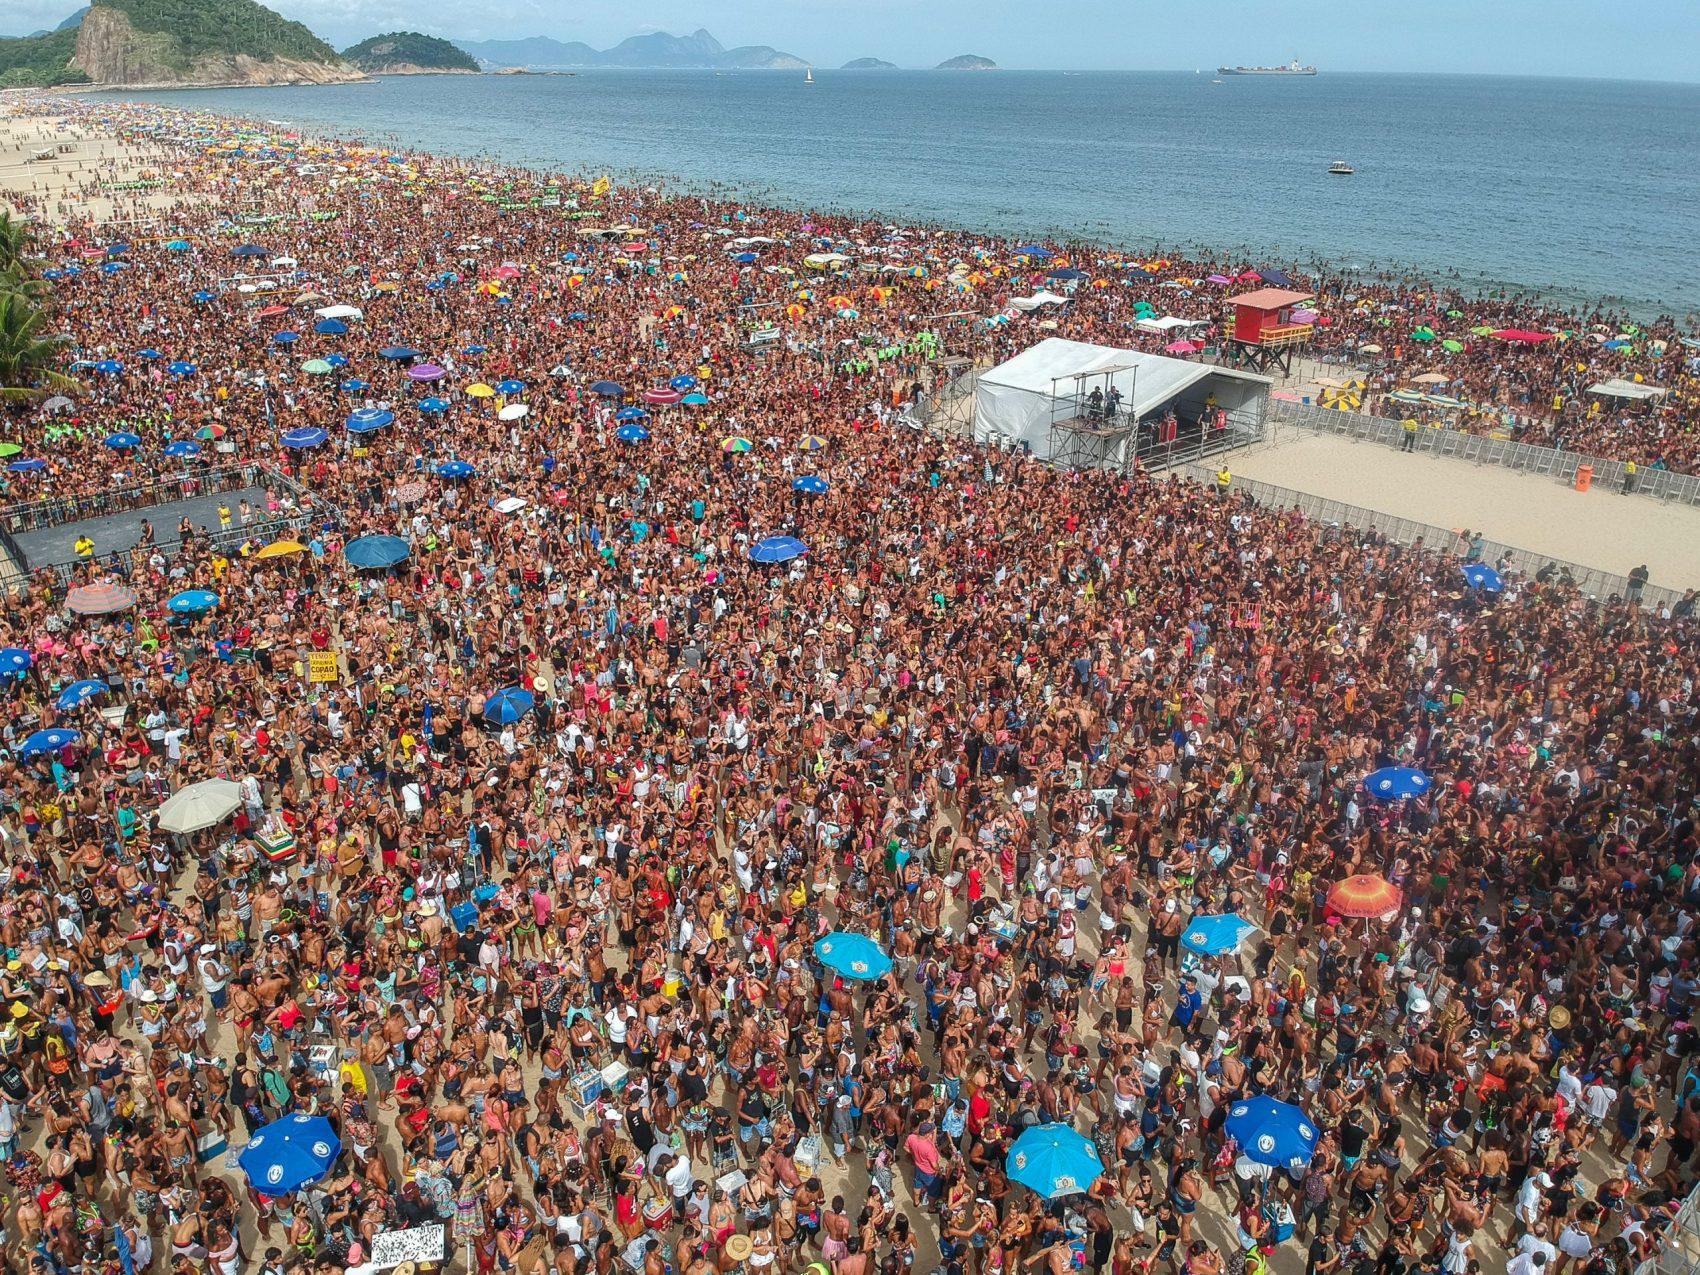 Multidão estimada em 300 mil pessoas na praia de Copacabana para show do Bloco da Favorita: tumulto previsível e pancadaria no final (Foto: Allan Carvalho/AGIF/AFP)